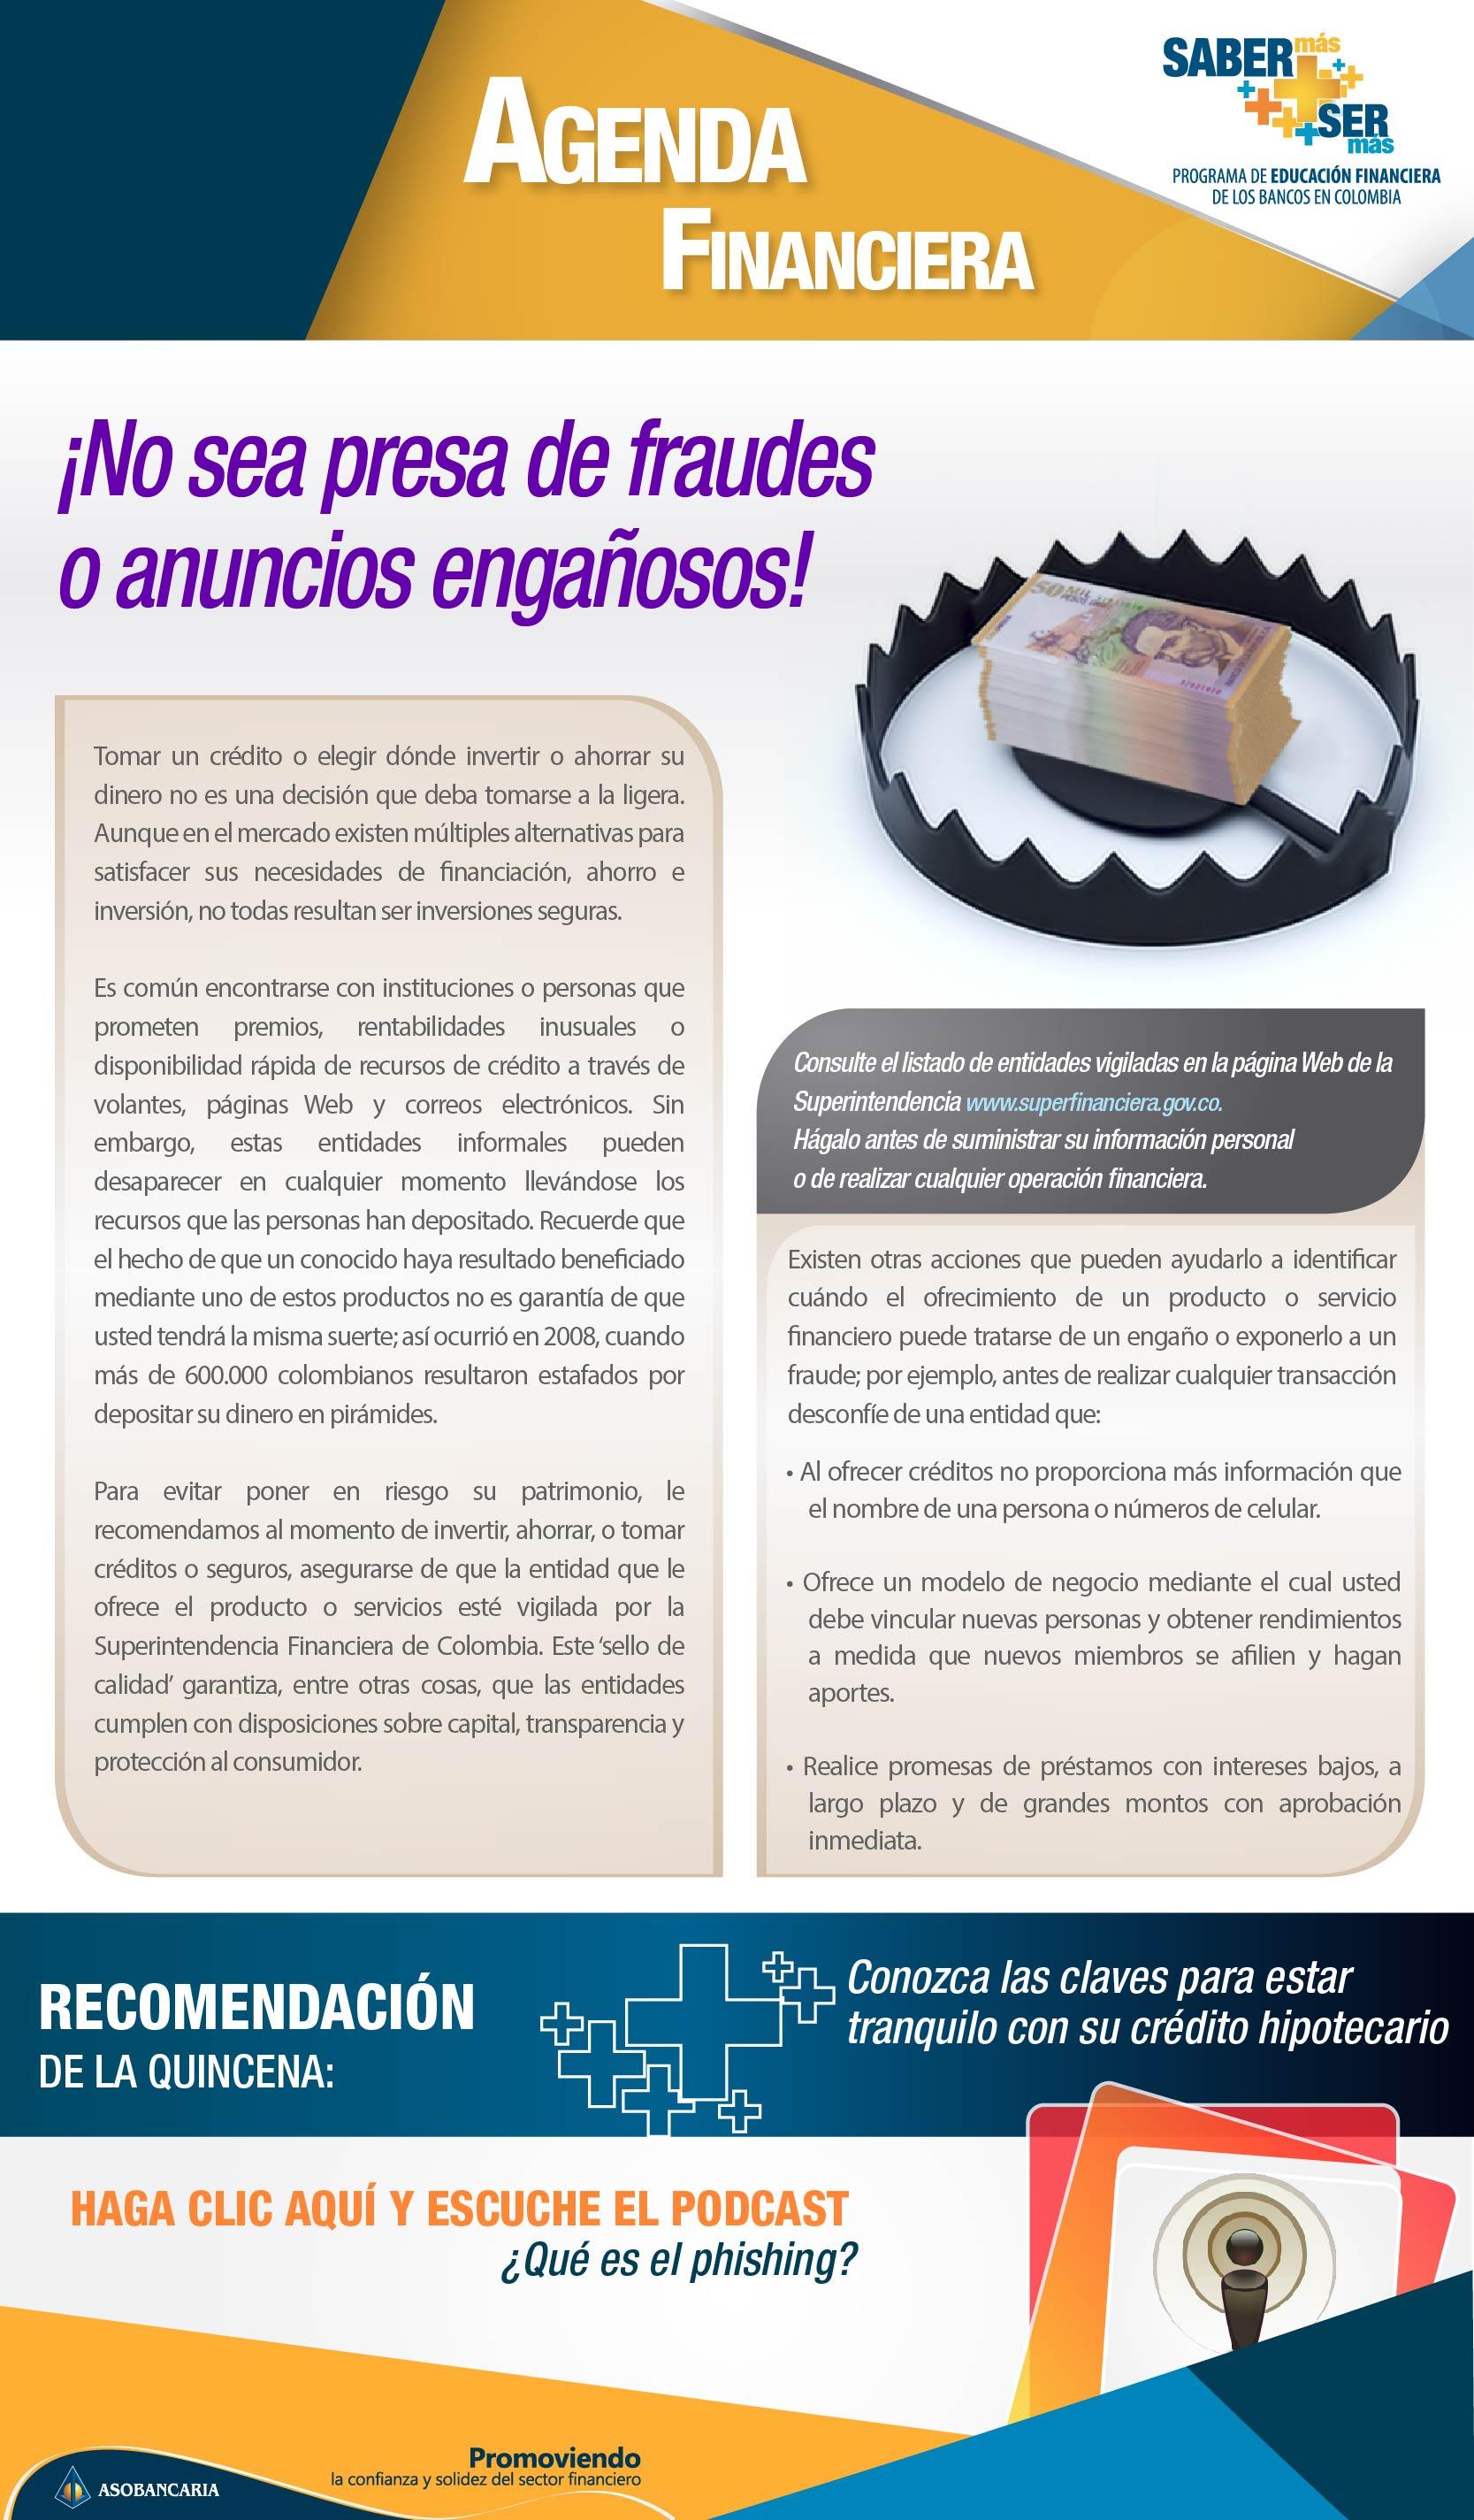 Boletin 15 - No sea presa de fraudes o anuncios enga+¦osos